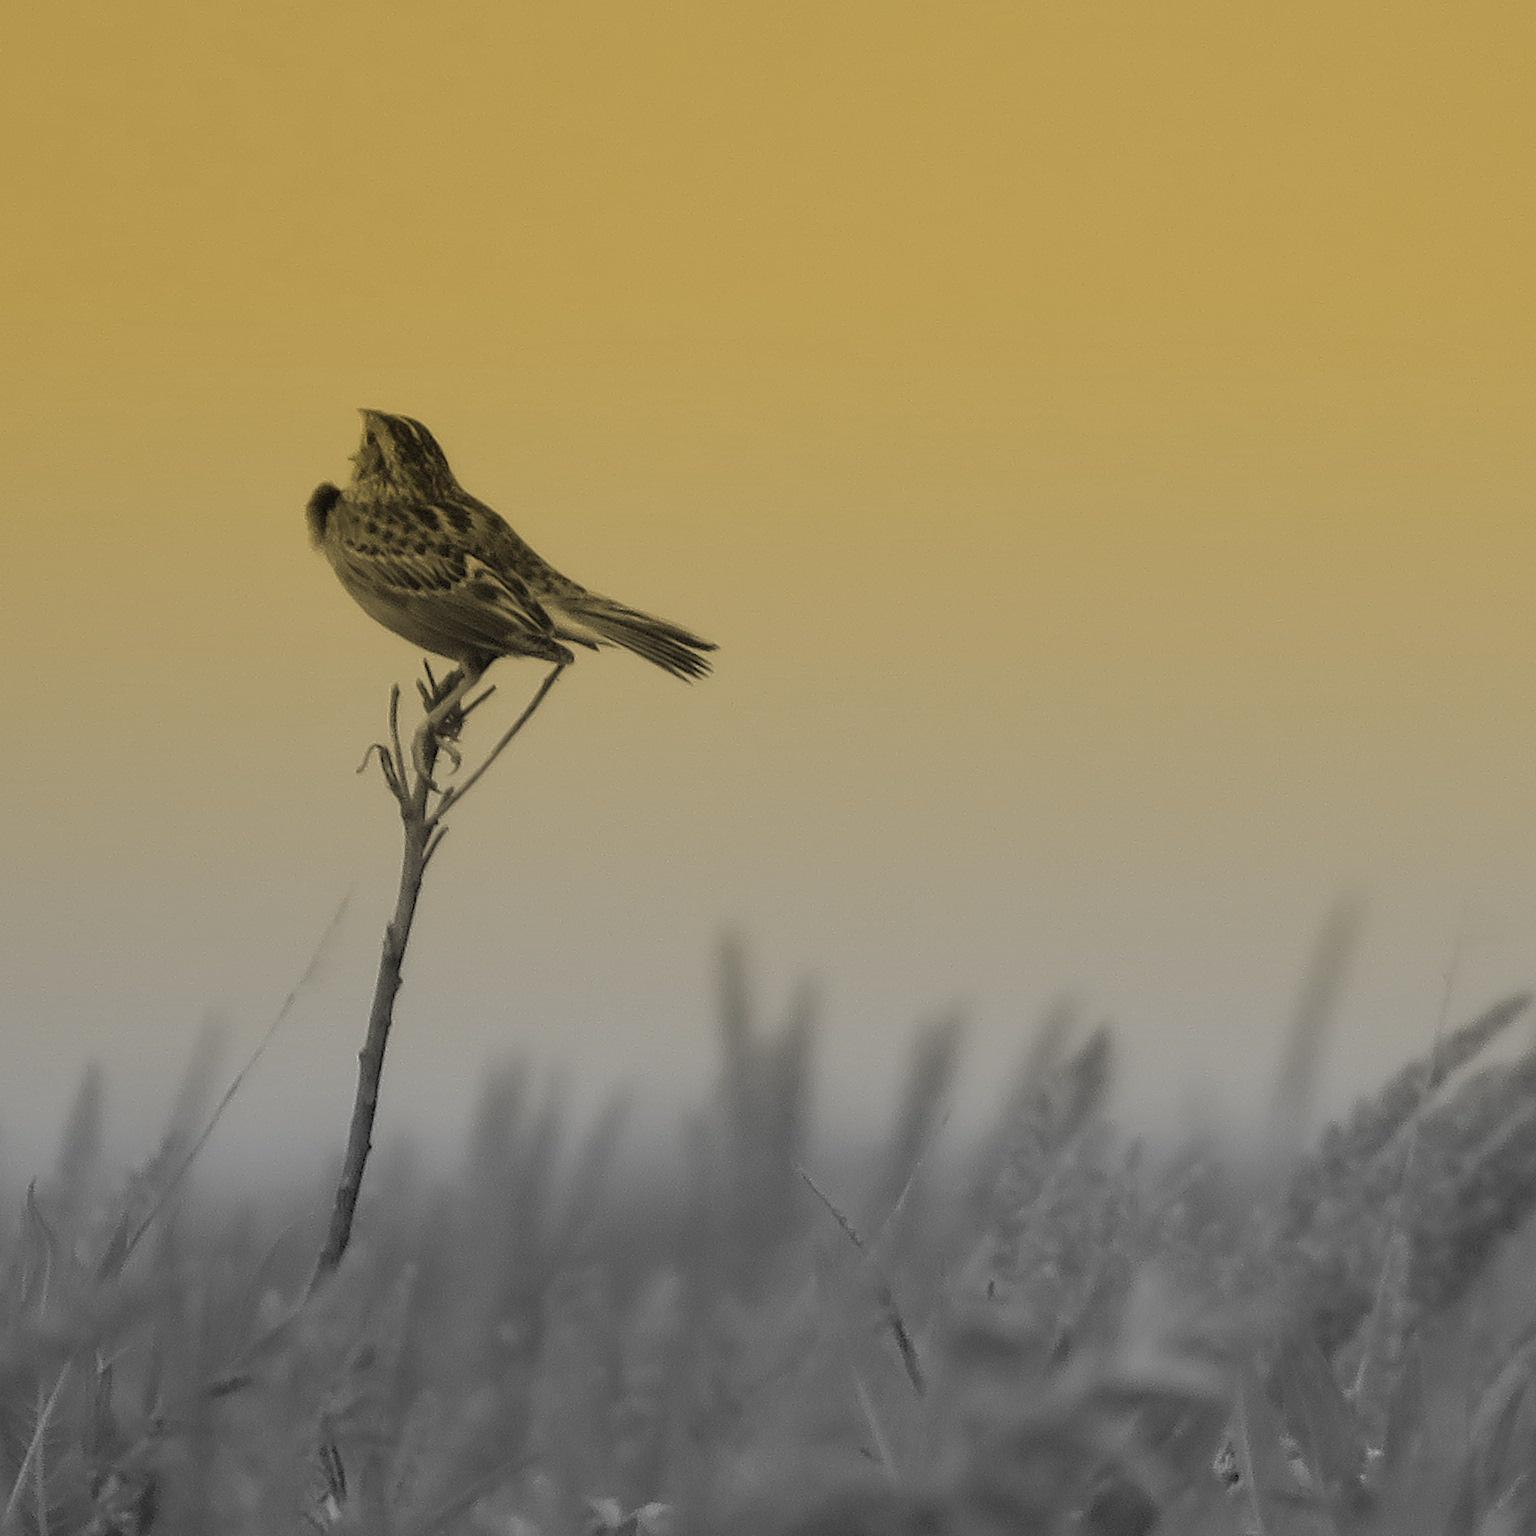 Grassland birds, especially songbirds -